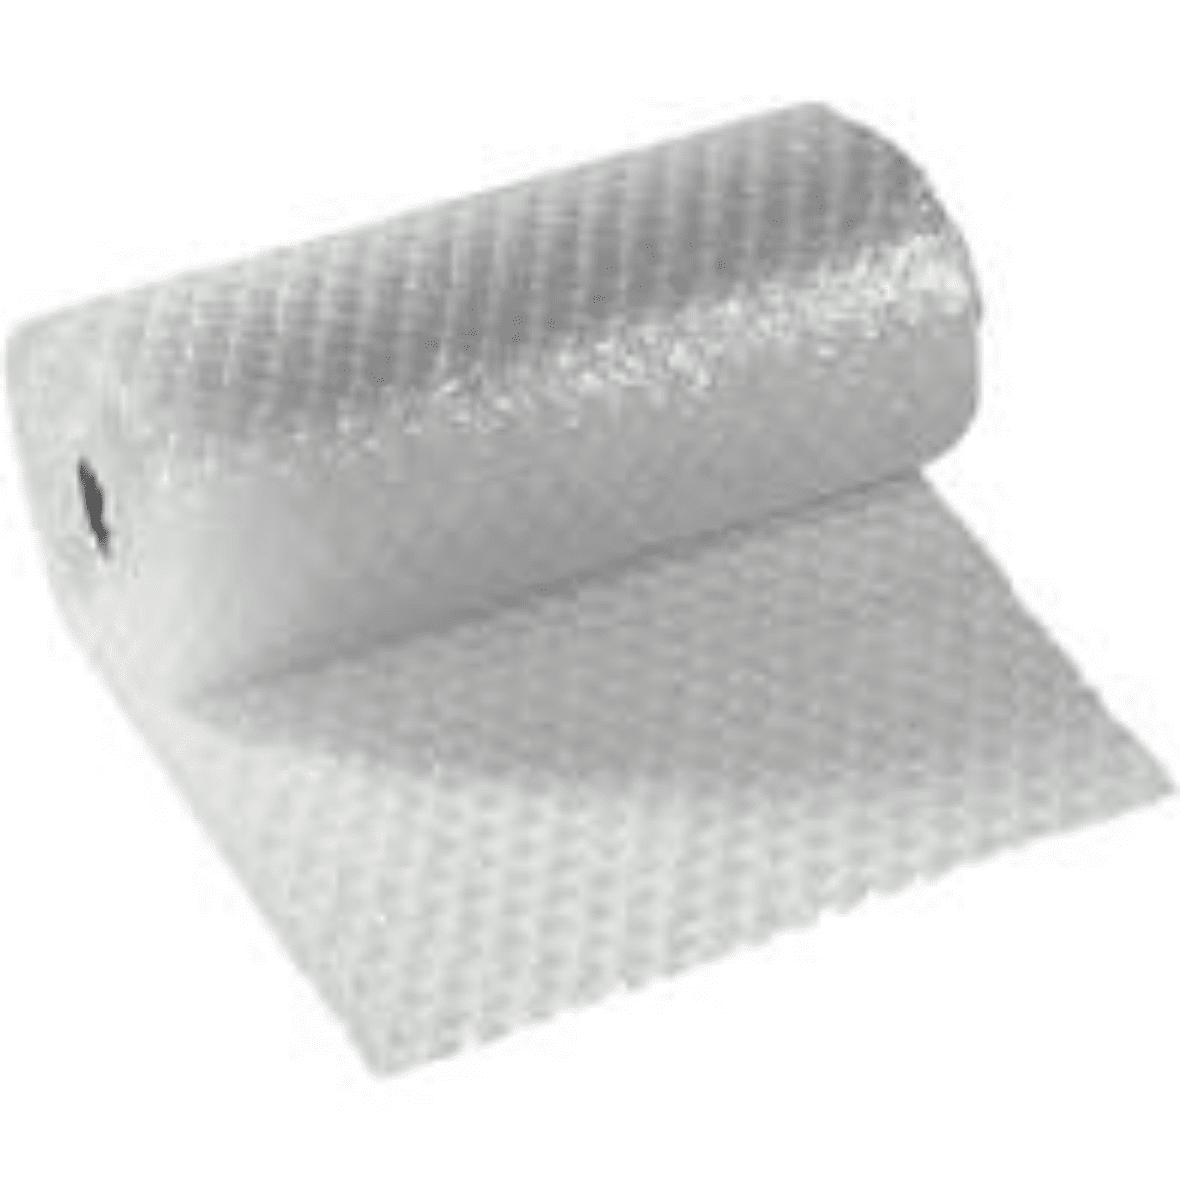 Plástico Bolha 1m Transparente  - Casa do Roadie